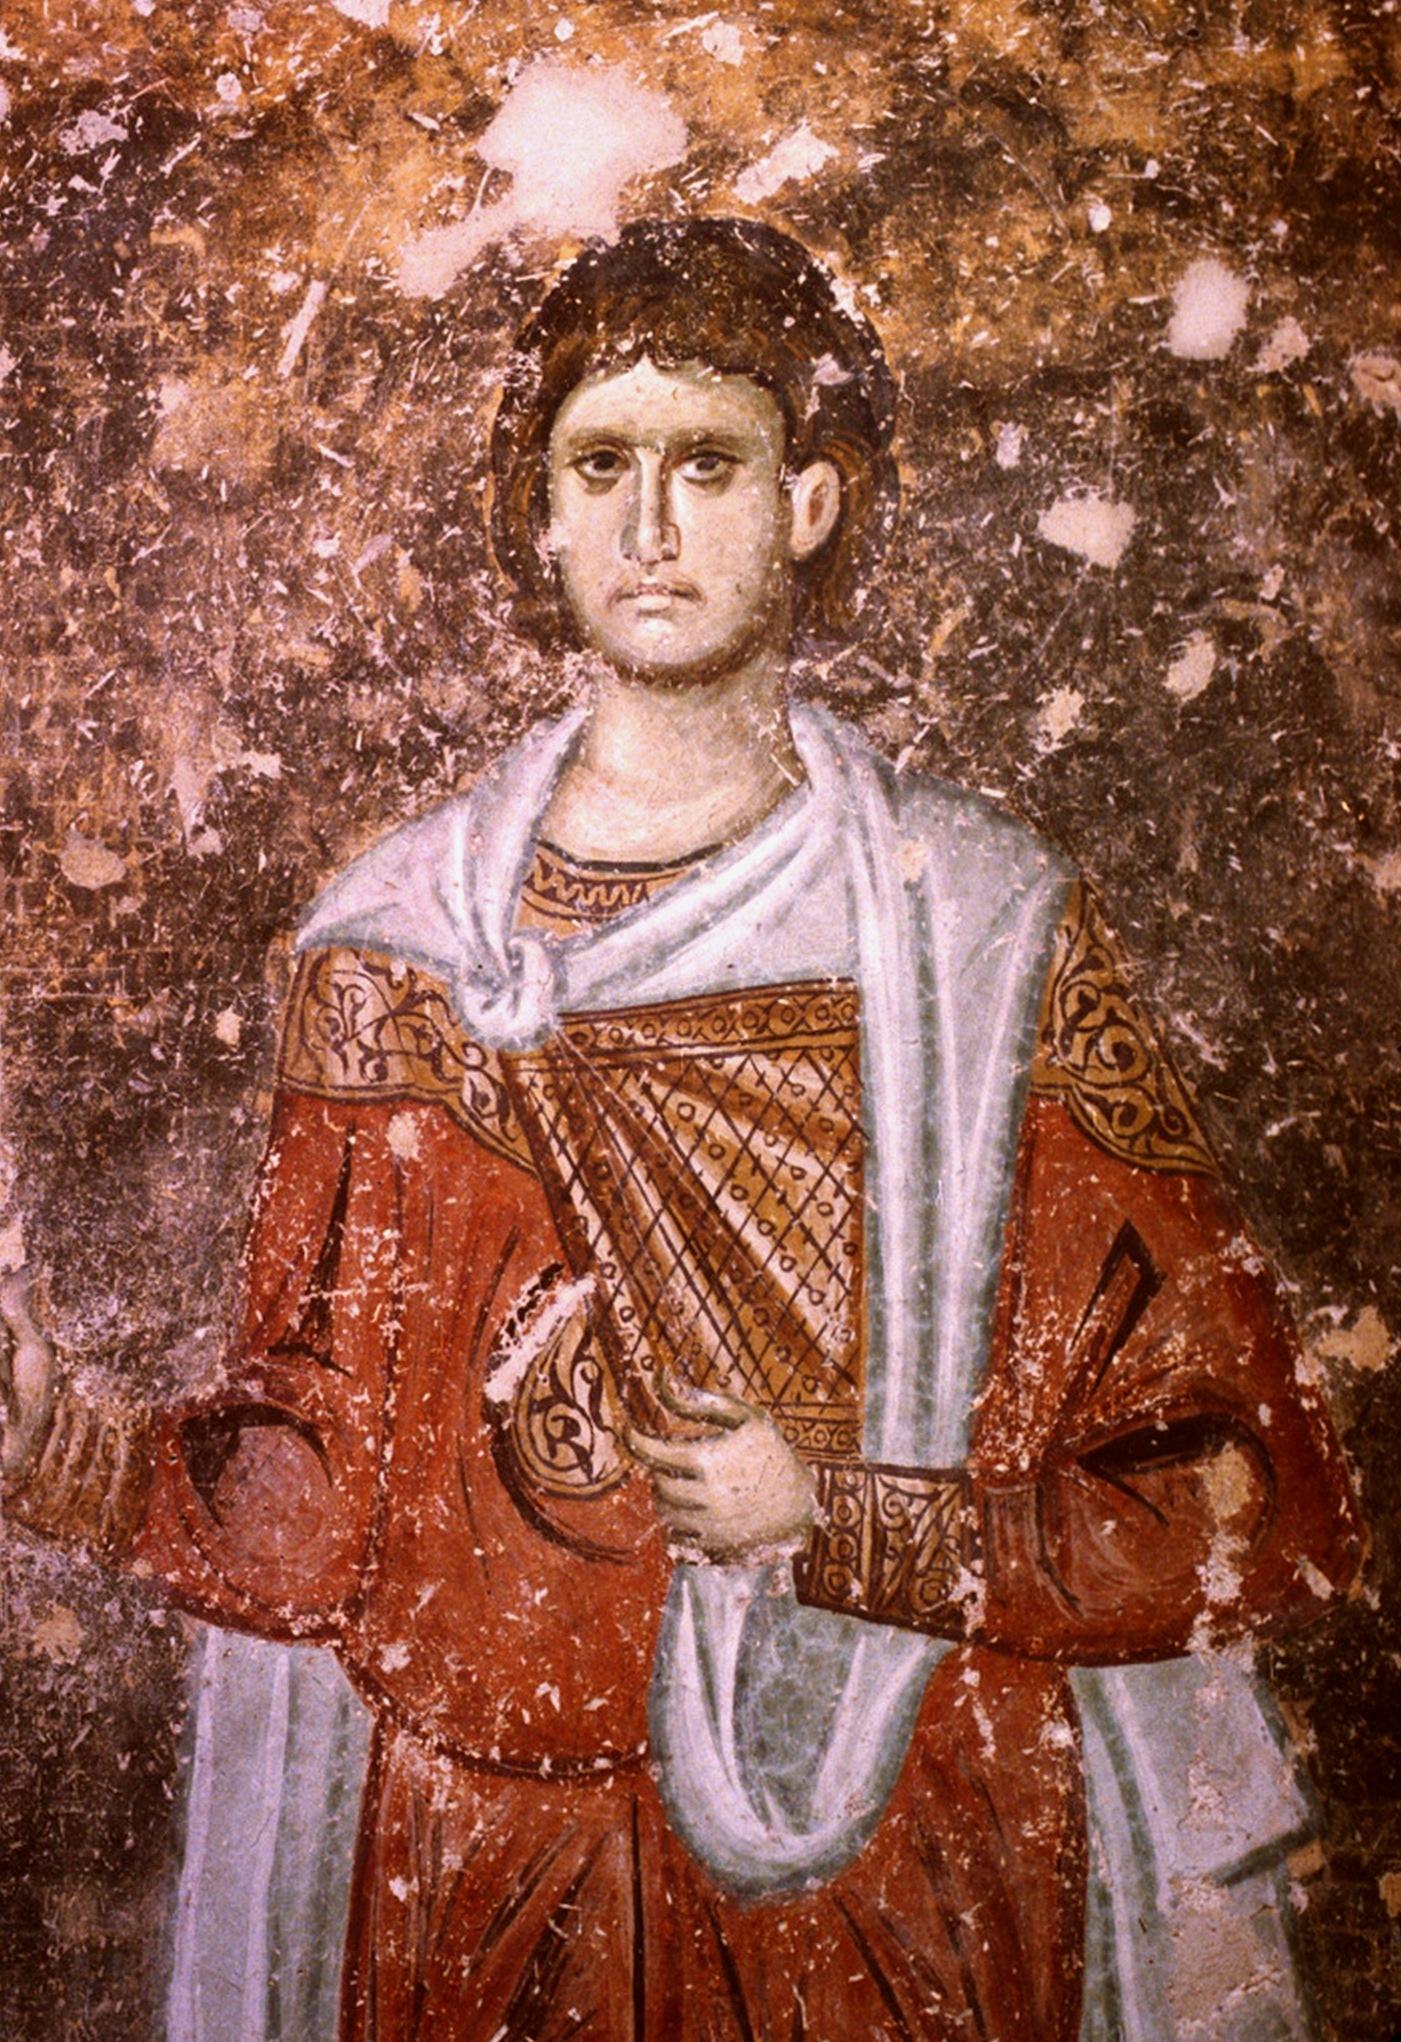 Святой мученик Сергий Римлянин. Фреска монастыря Сопочаны, Сербия. XIII век.